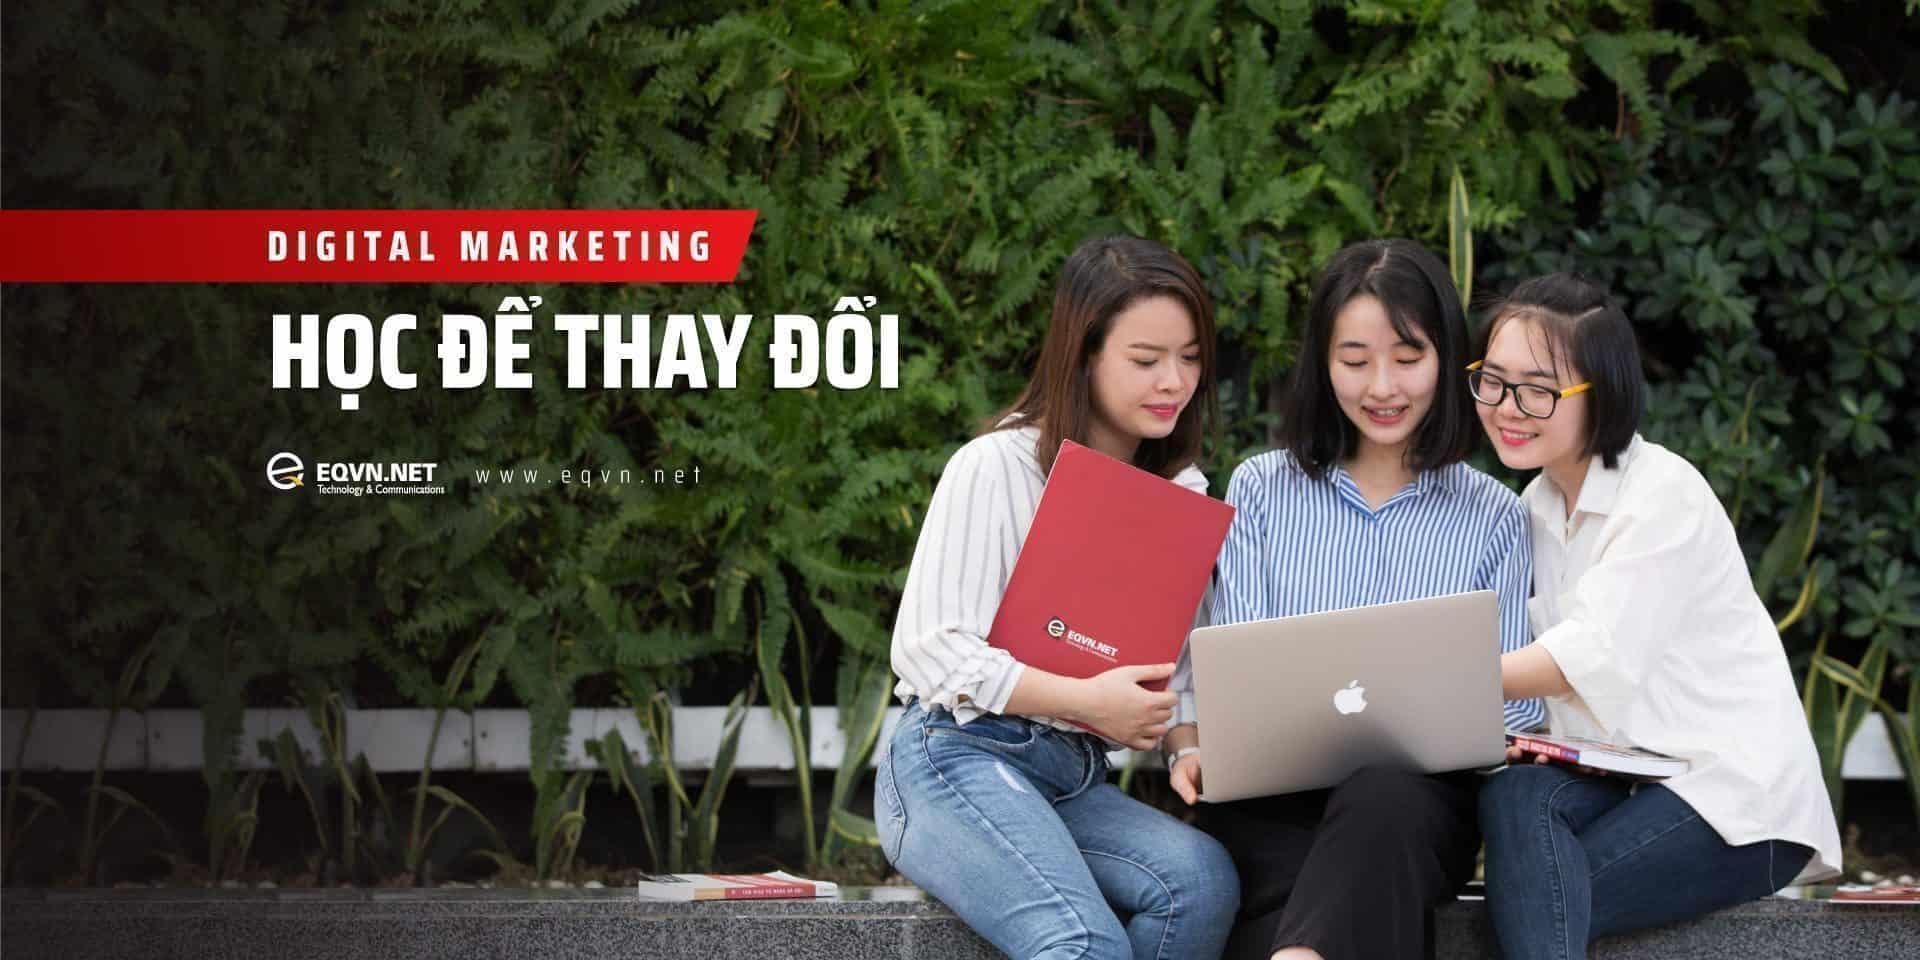 EQVN.NET - Đào tạo, Tư vấn giải pháp và triển khai Digital Marketing